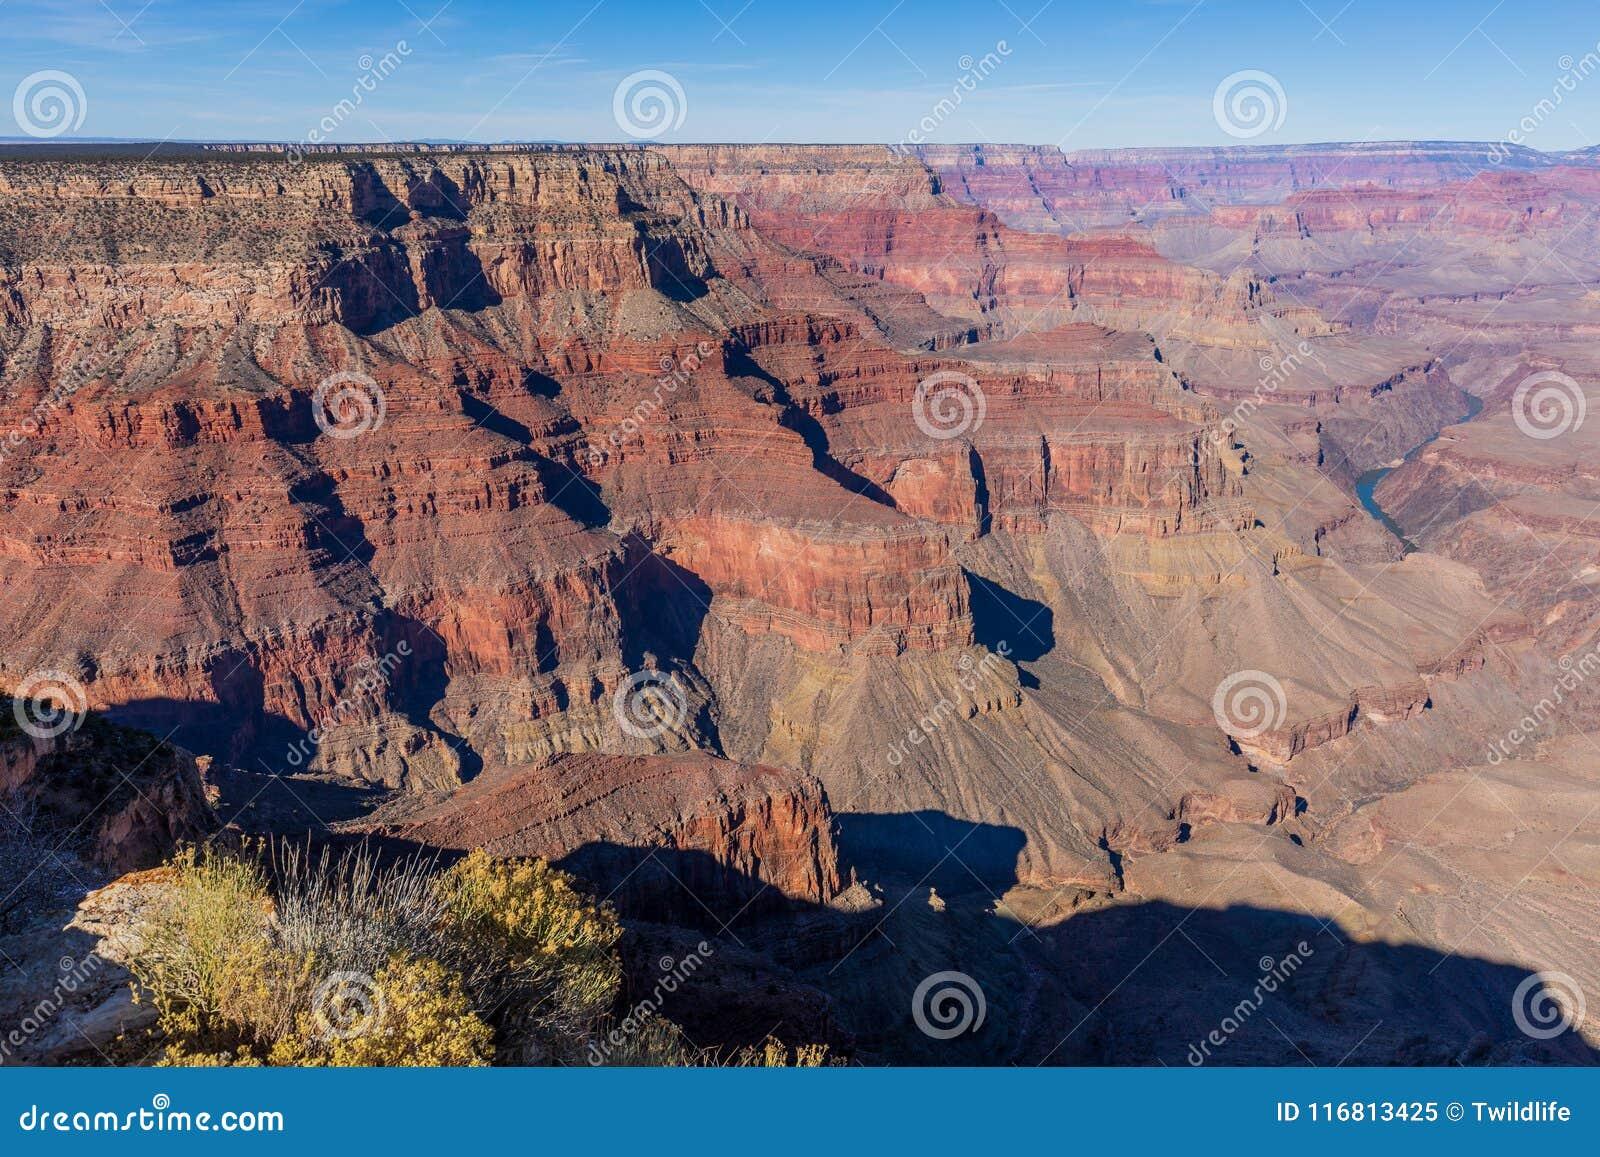 Grand Canyon irregolare Rim Scenic del sud